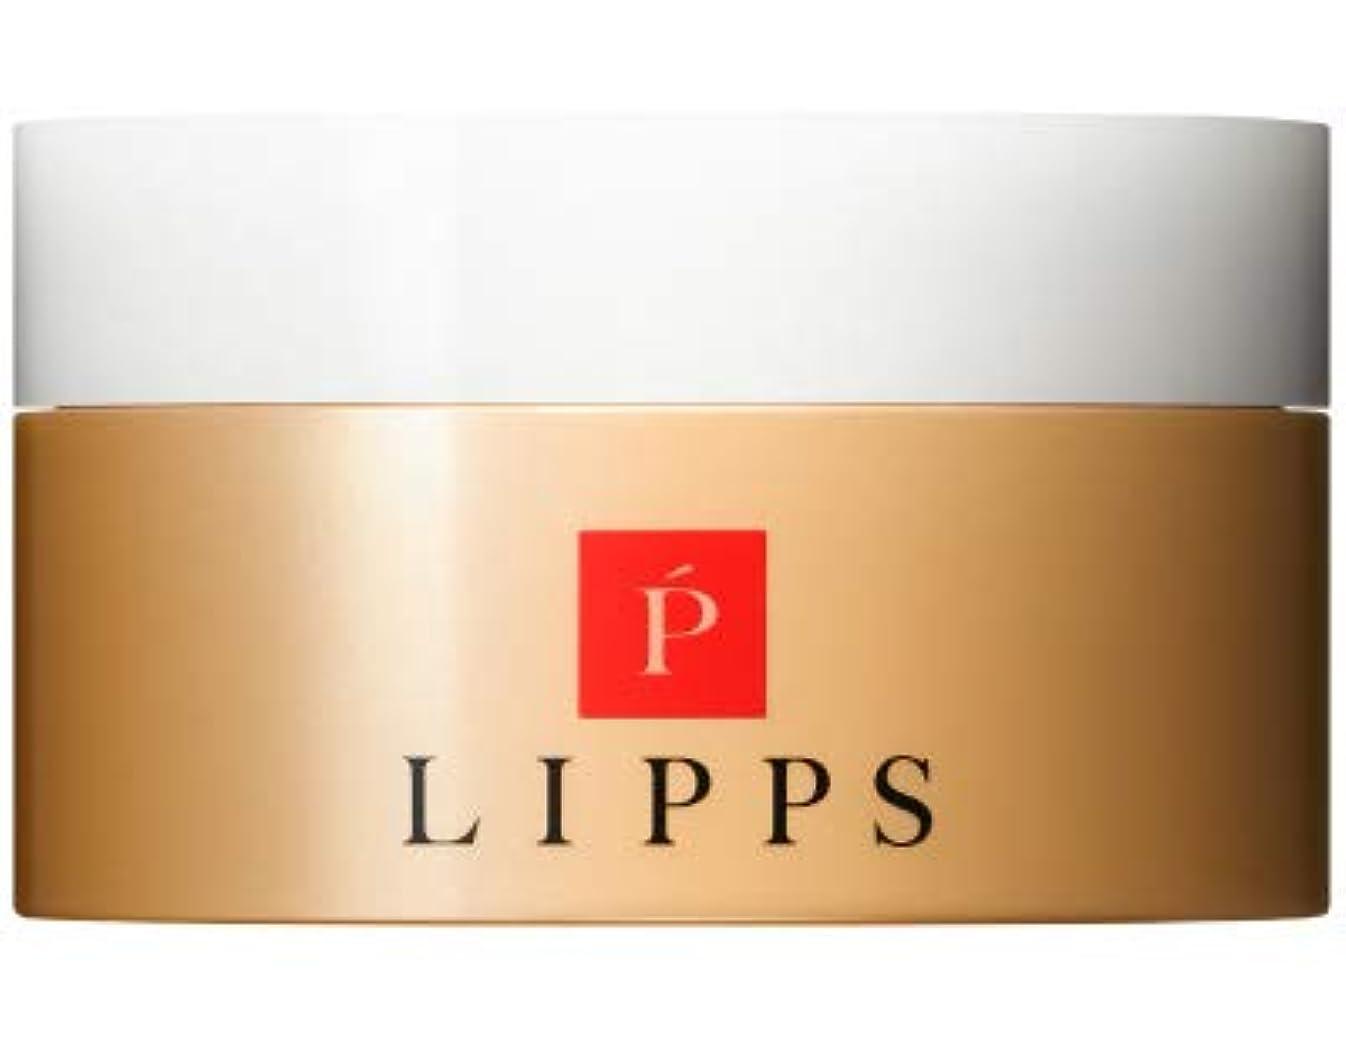 インセンティブ小麦光沢のある【ふわっと動く×自由自在な束感】LIPPS L12フリーキープワックス (85g)